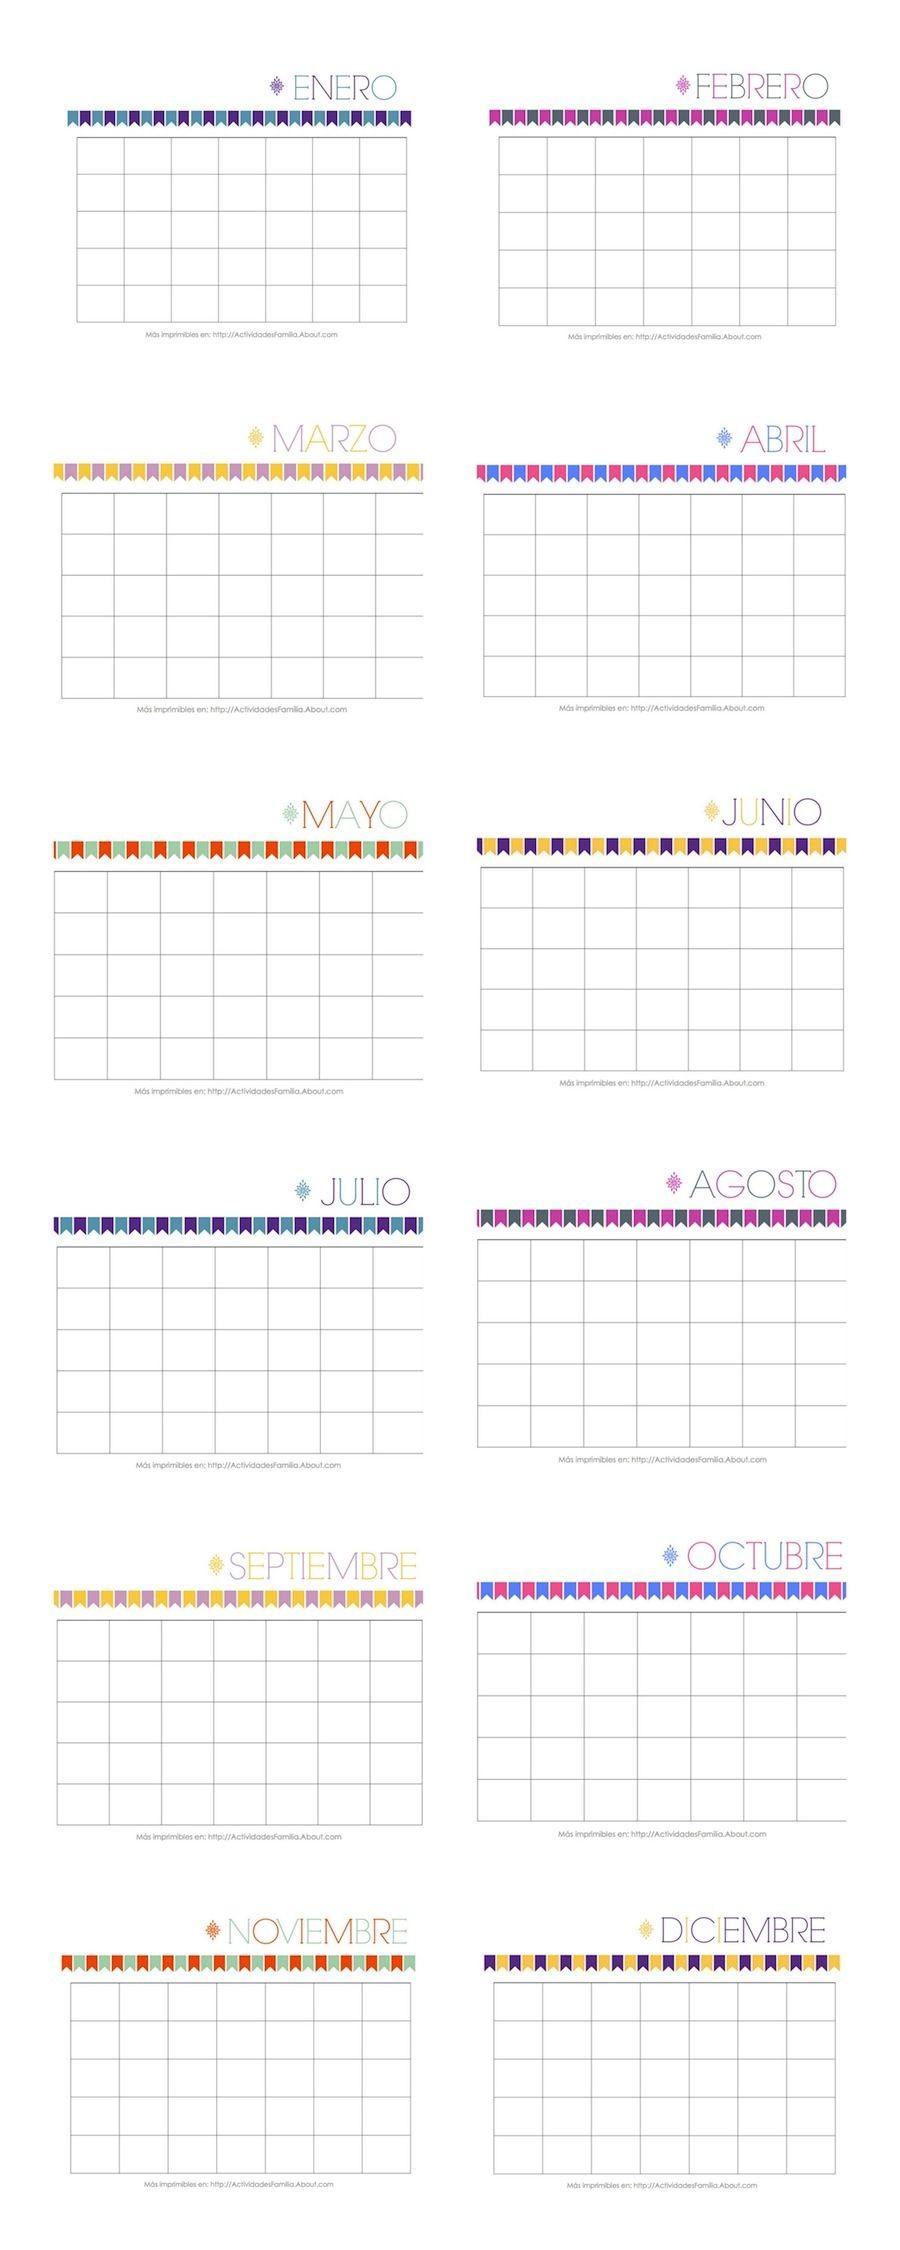 Imprimir Calendario Mes De Septiembre 2017 Mejores Y Más Novedosos Melani Melashi161 On Pinterest